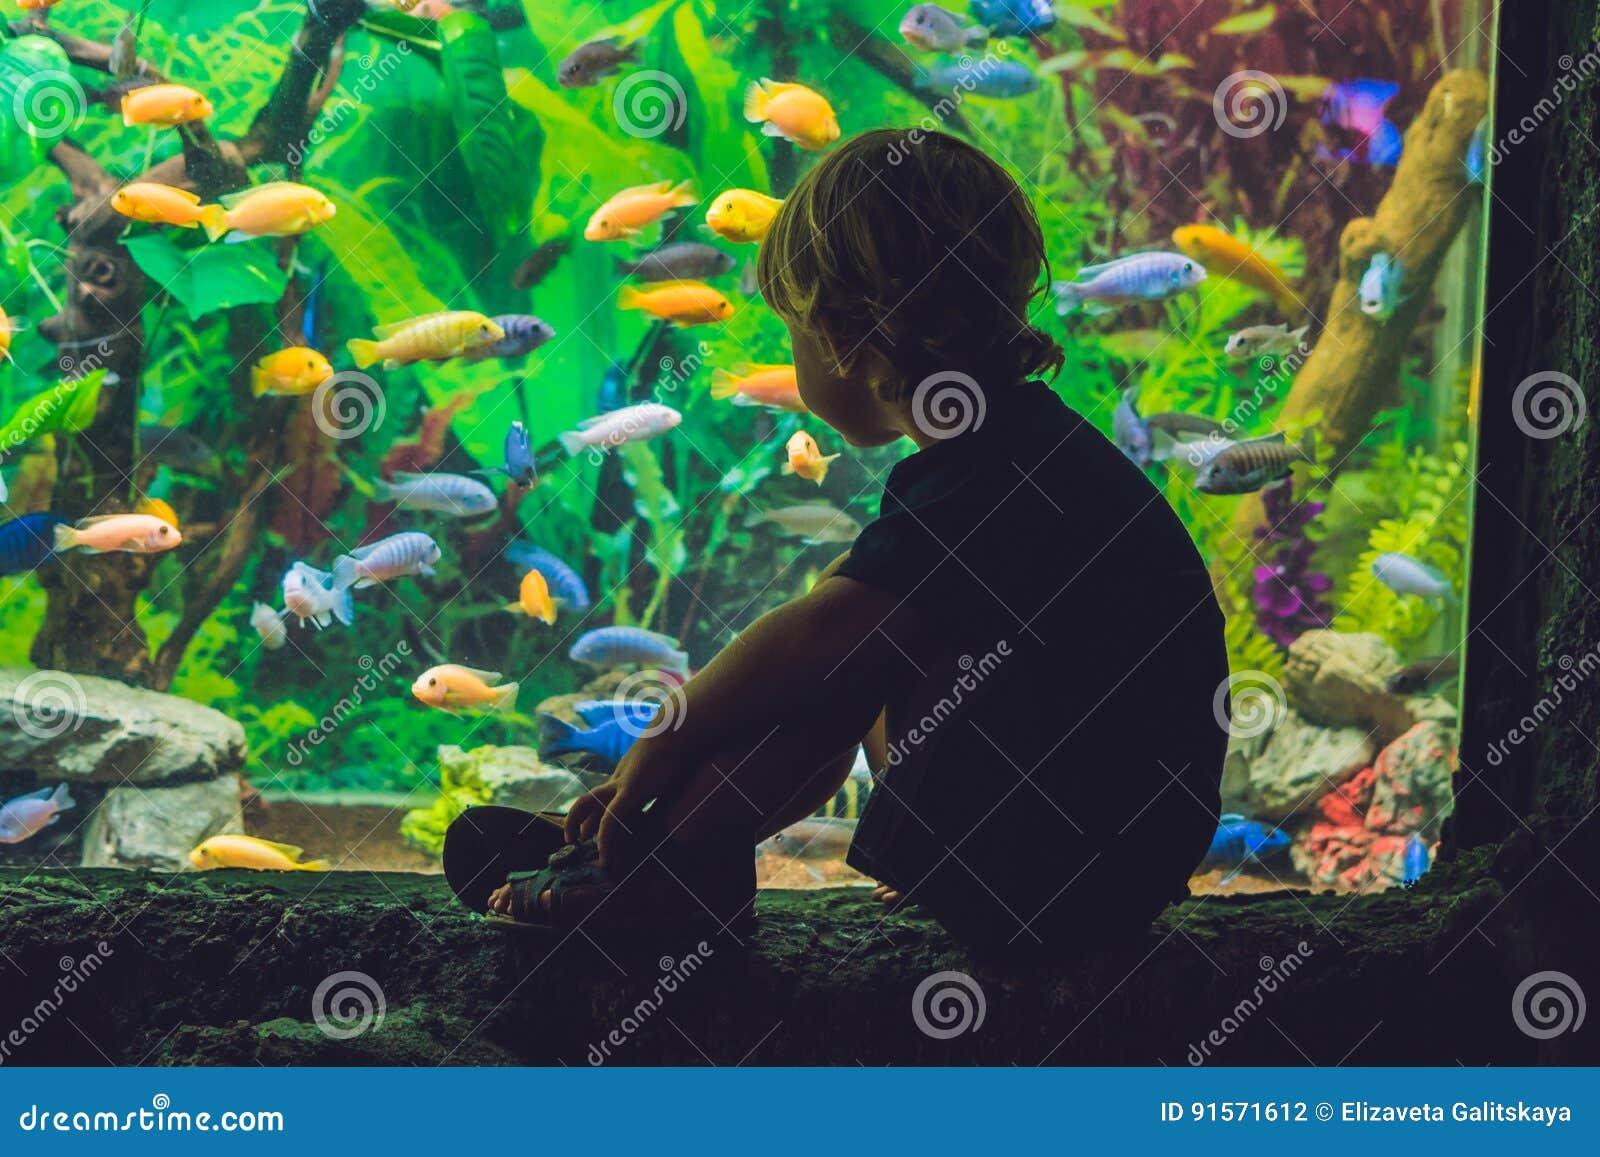 Σκιαγραφία ενός αγοριού που εξετάζει τα ψάρια στο ενυδρείο